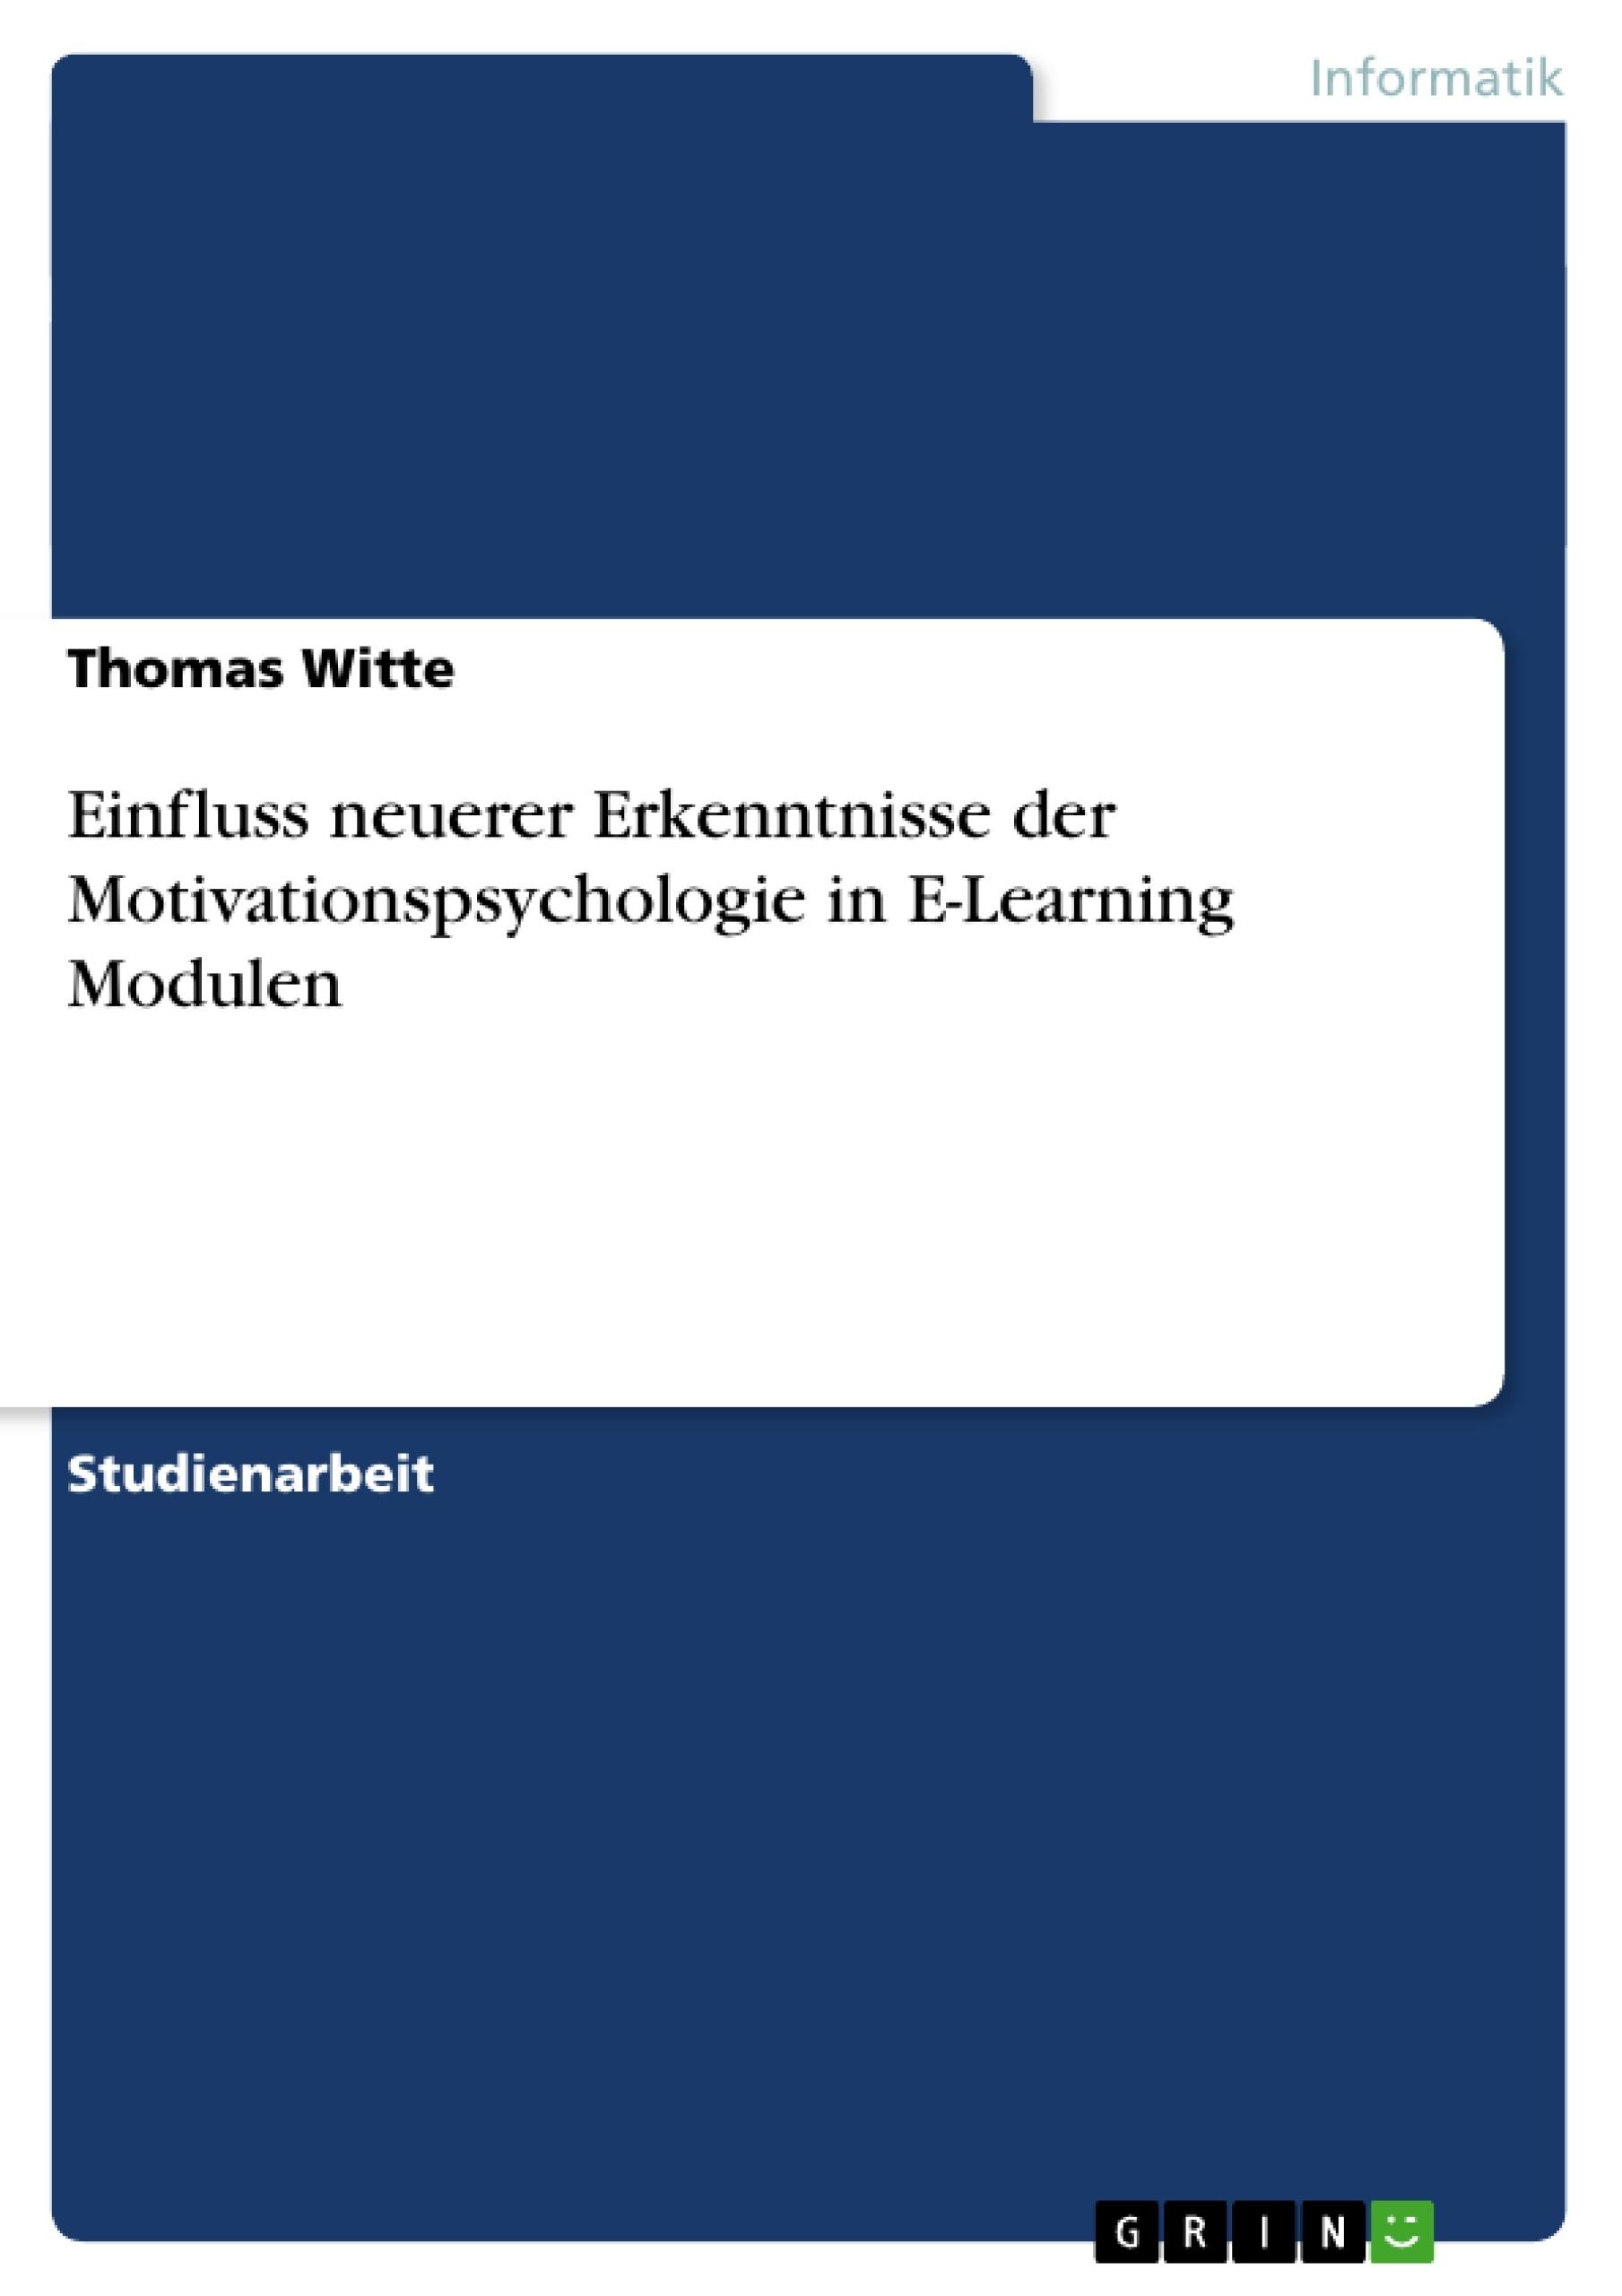 Titel: Einfluss neuerer Erkenntnisse der Motivationspsychologie in E-Learning Modulen